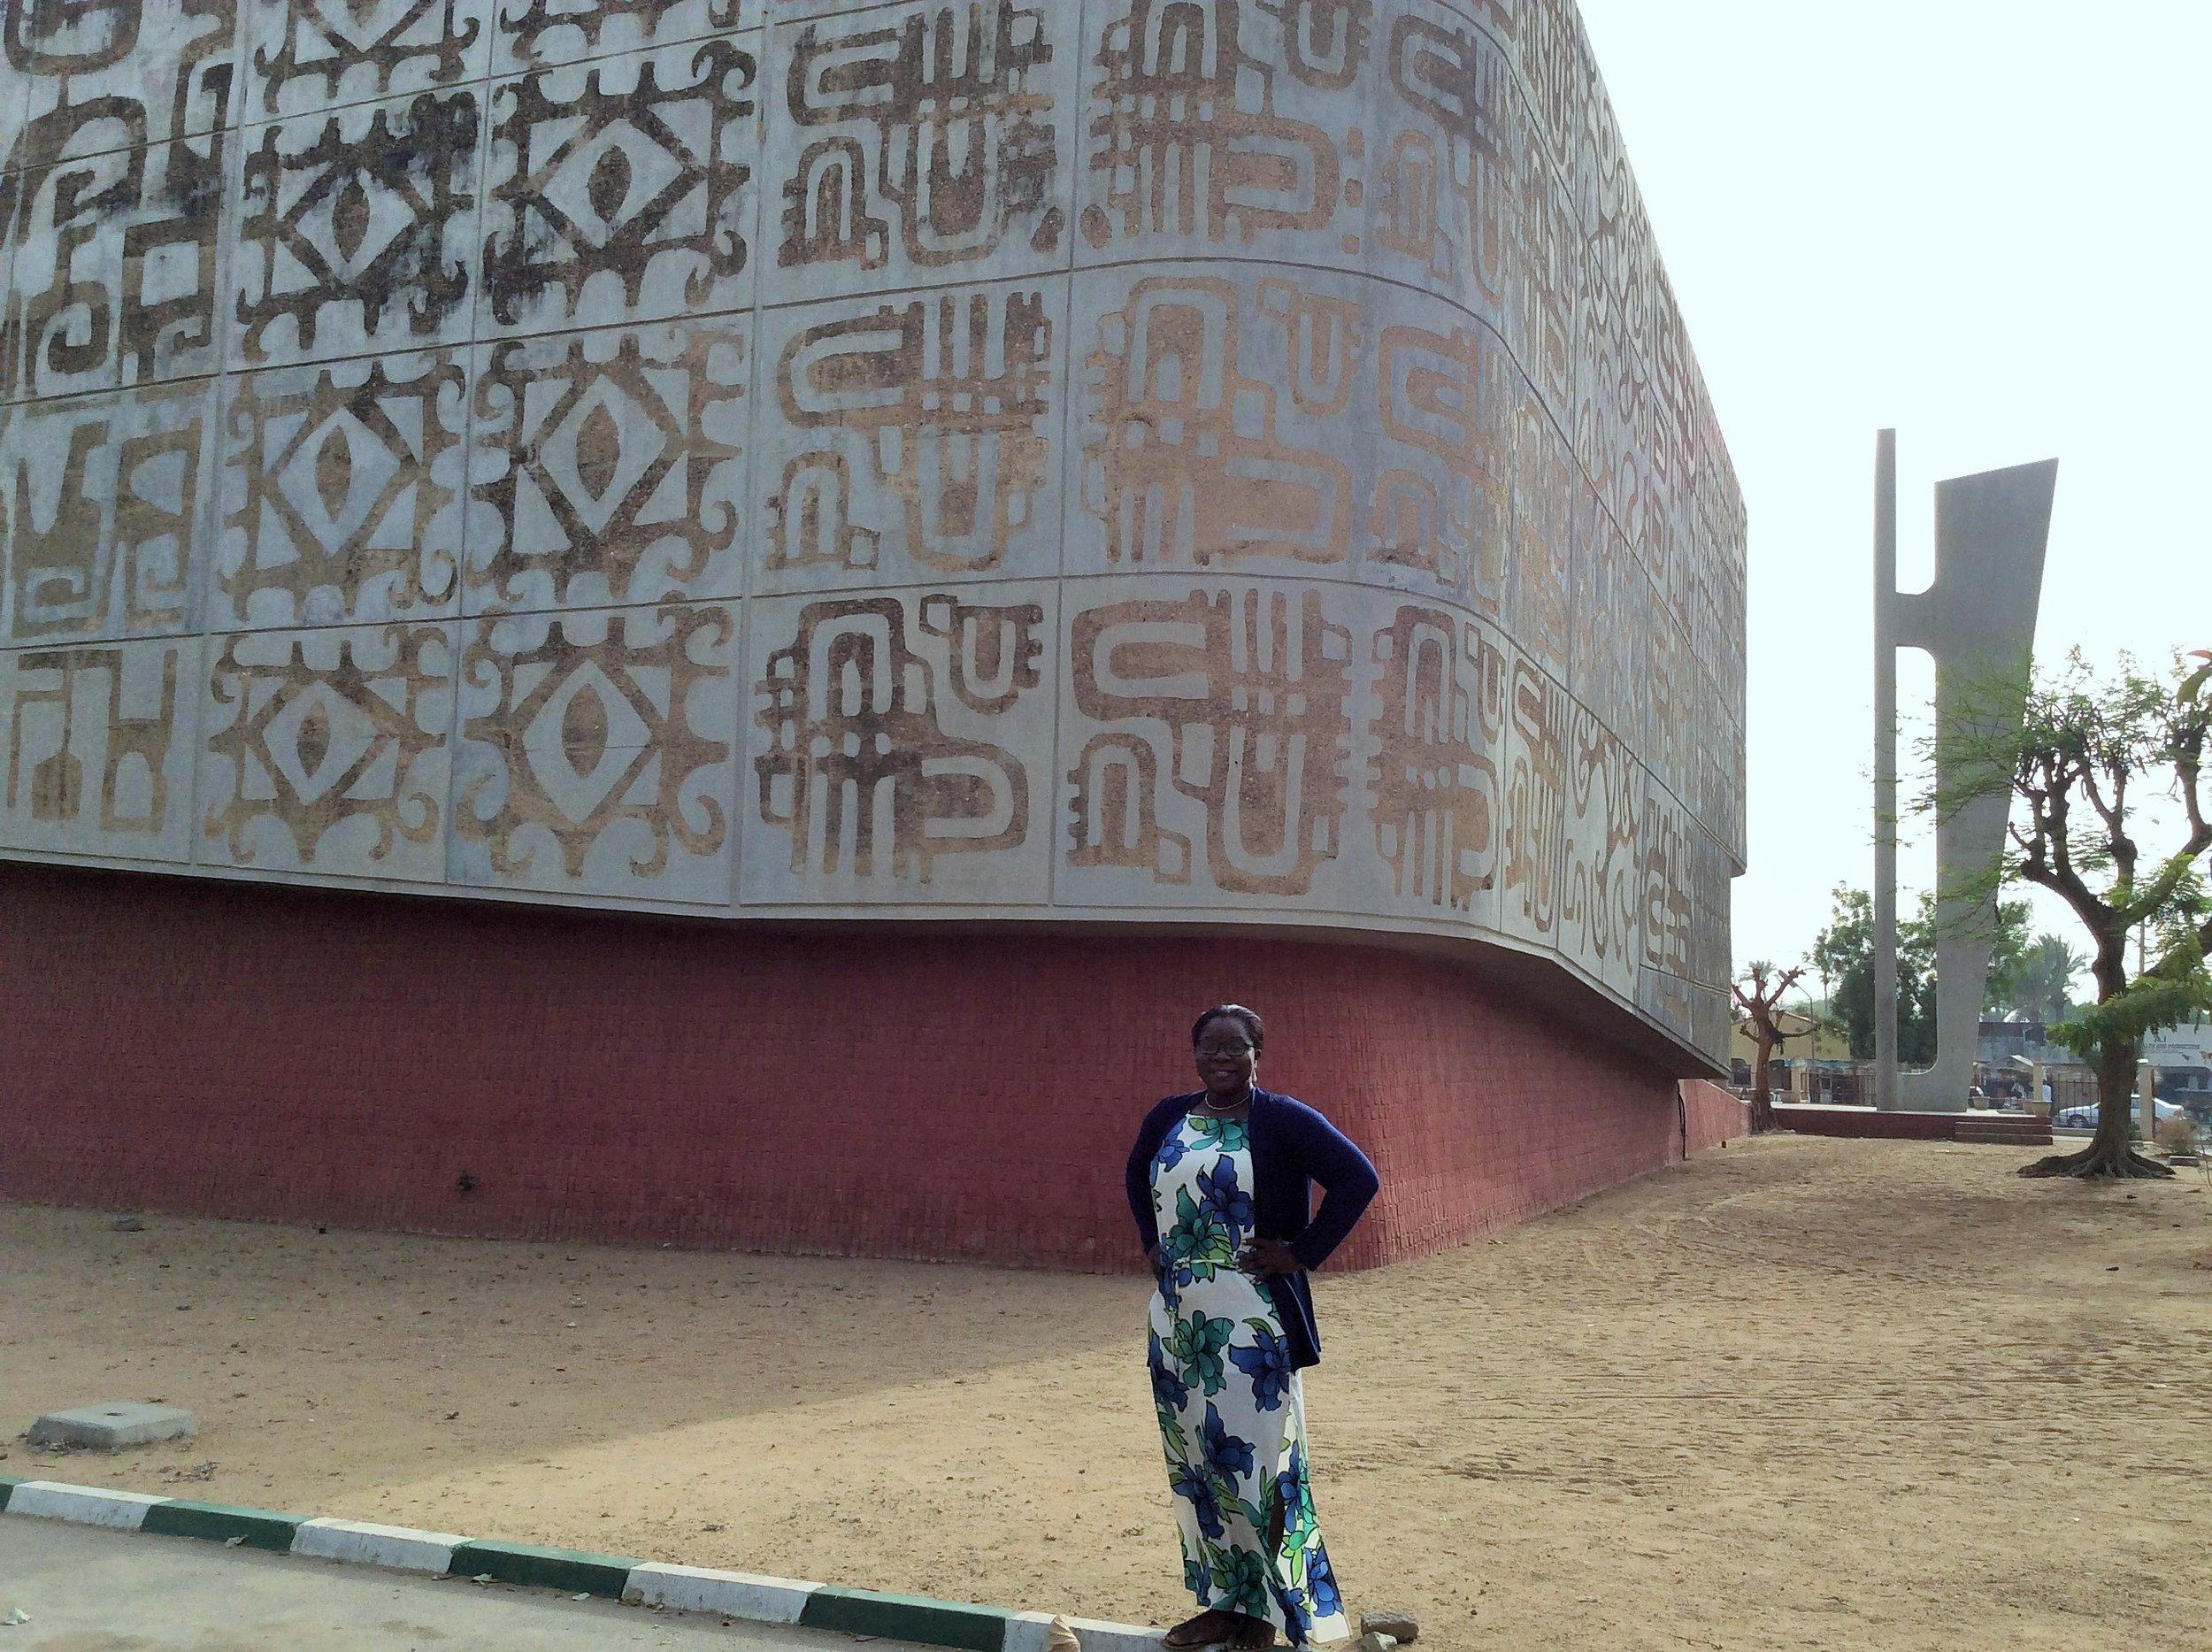 Sir Abubakar Tafawa Balewa's Mausoleum